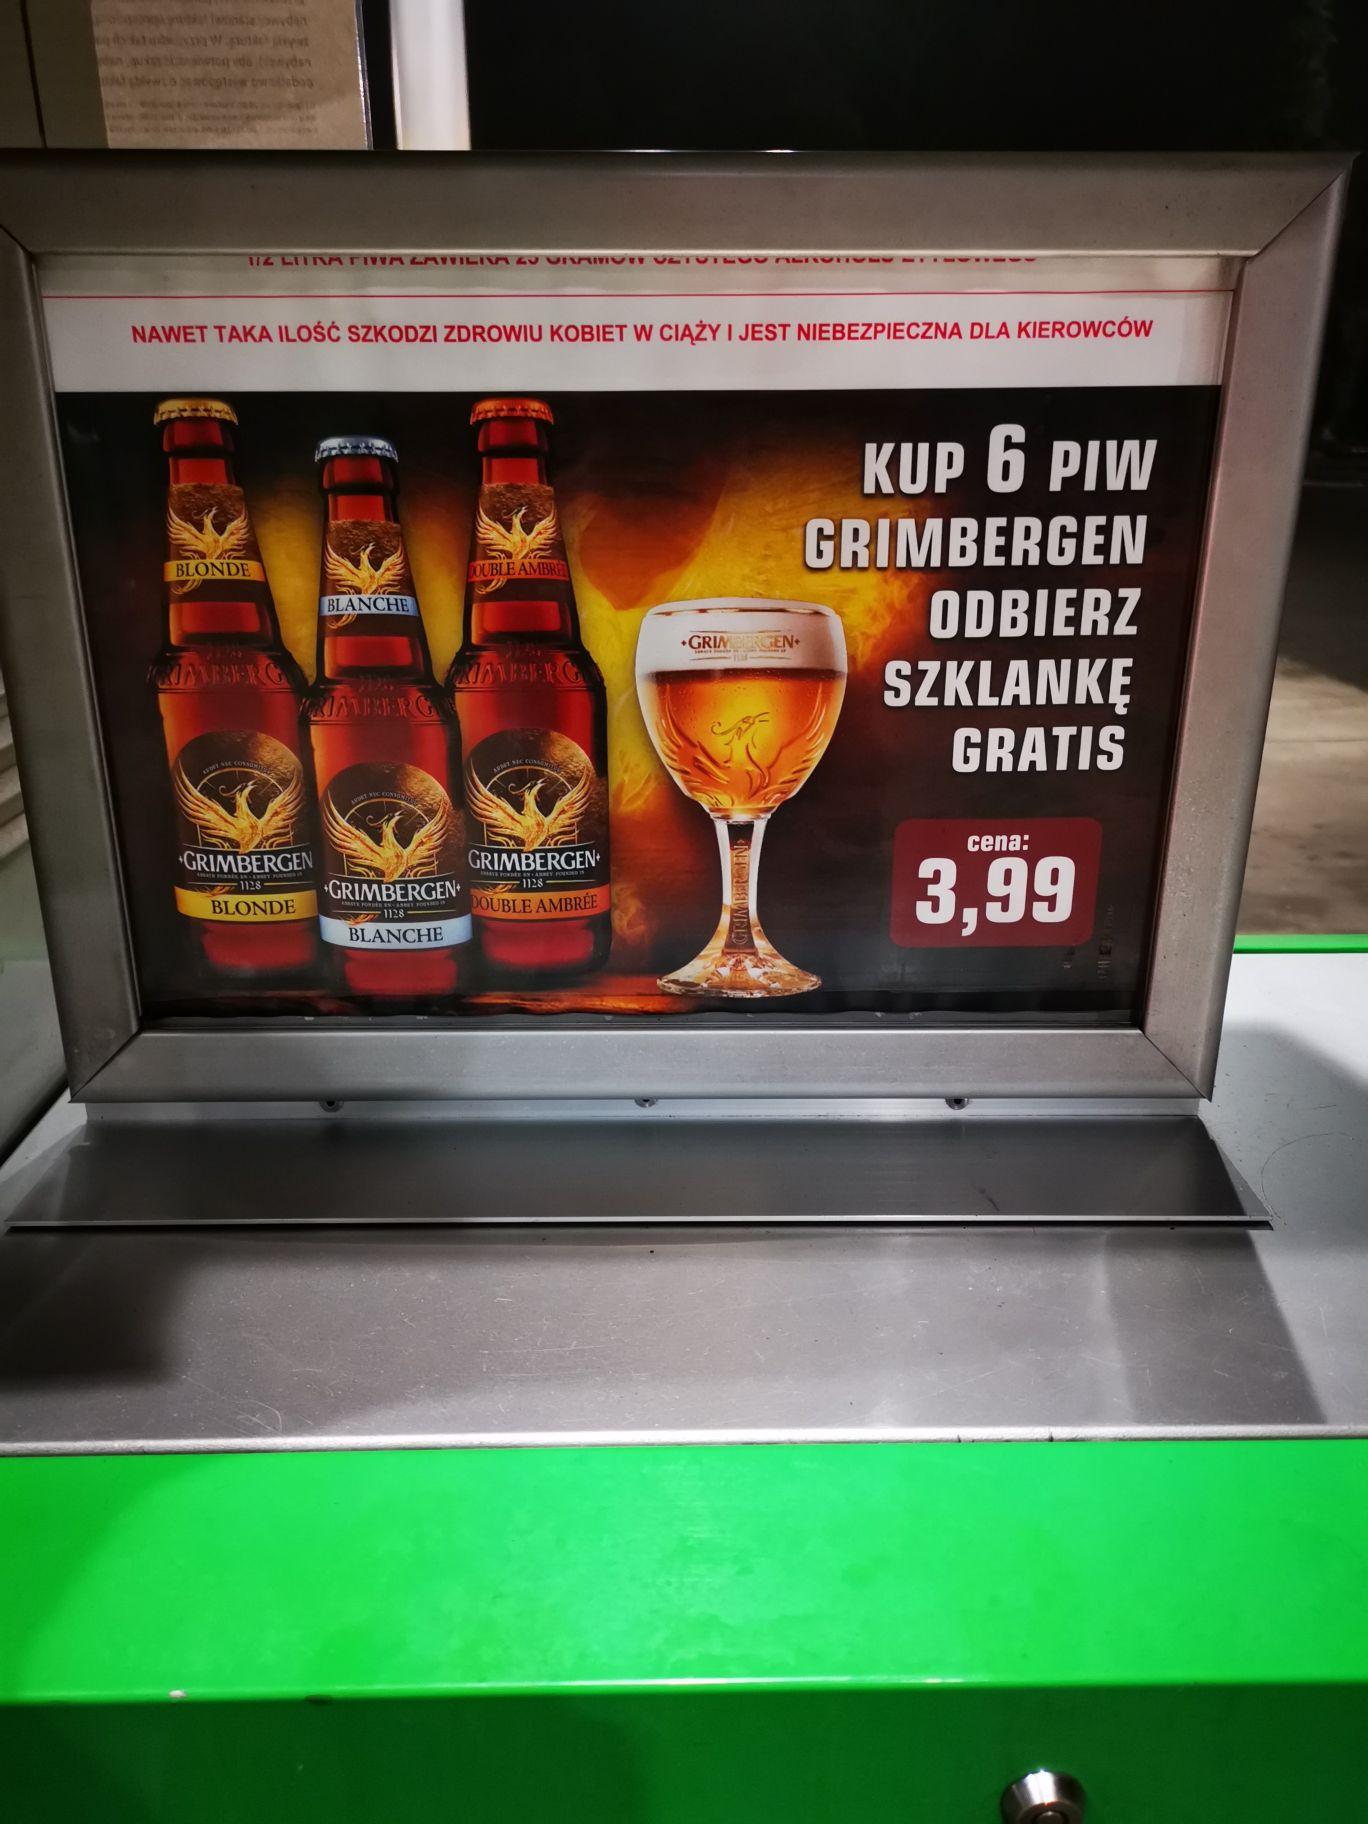 Darmowy pokal Grimbergen przy zakupie 6 x piwo Stacje Paliw Crab Śląsk